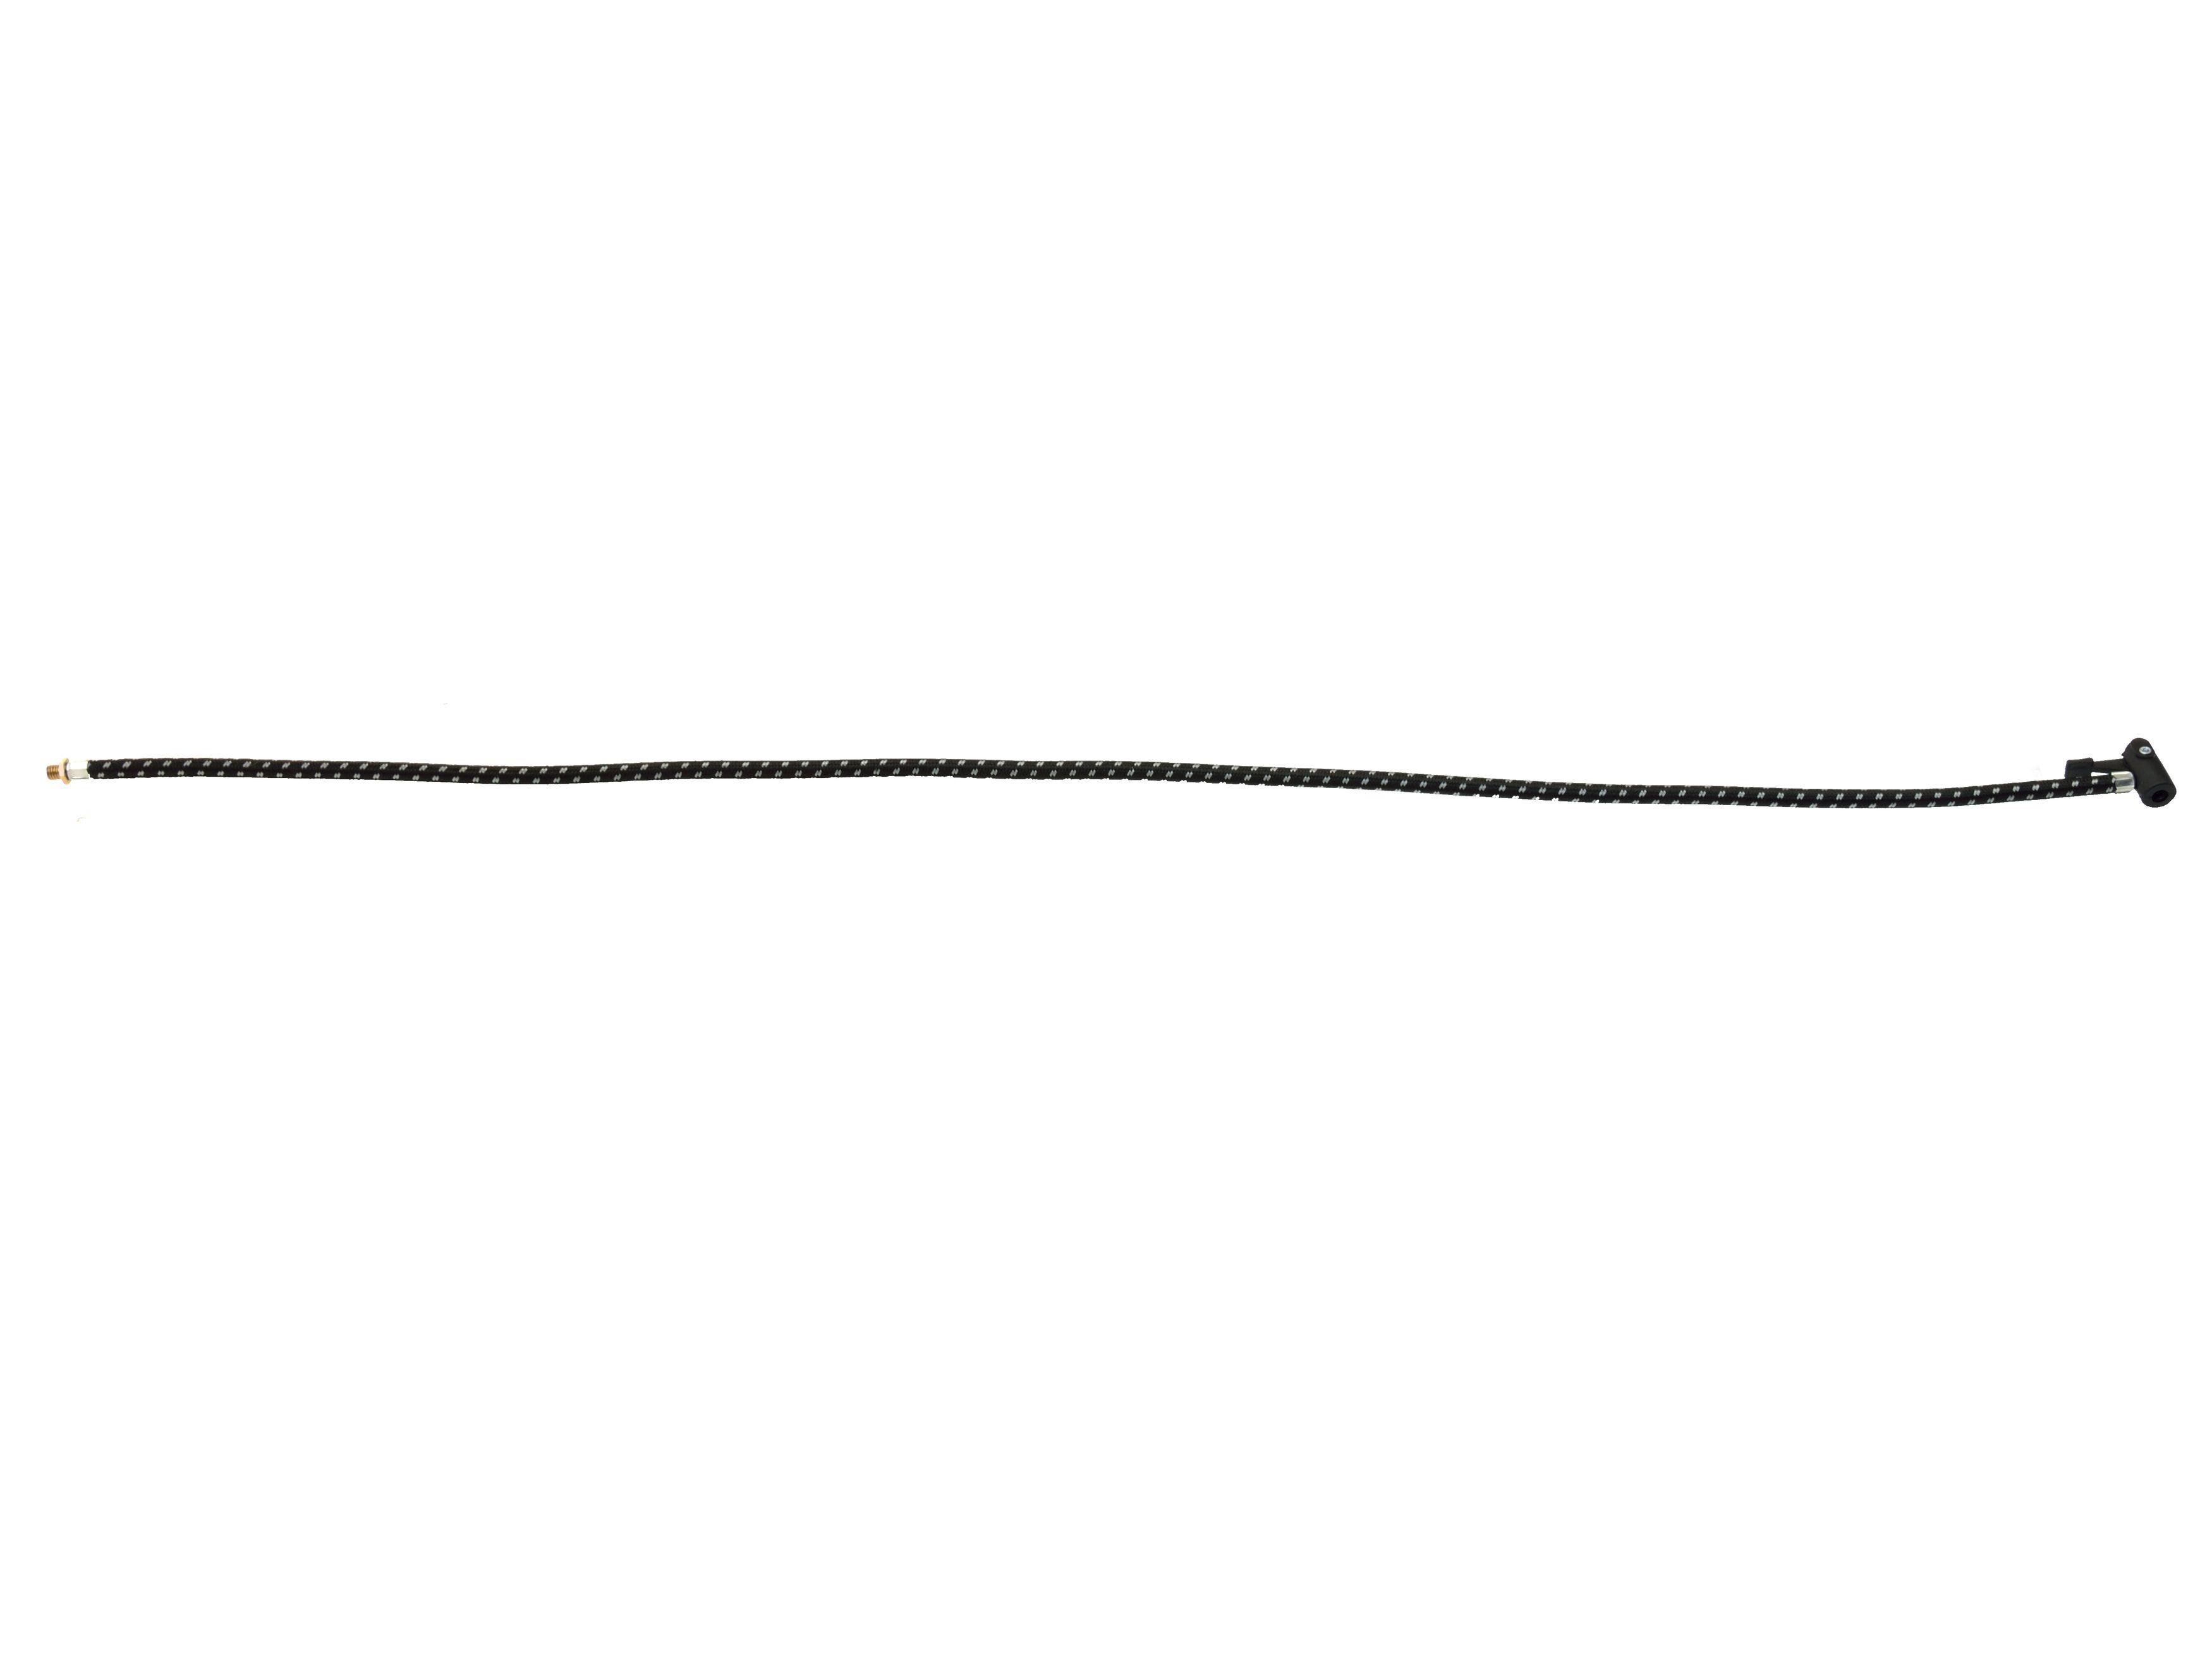 Propojovací hadice, 1000mm, spojení B2+A1, GEKO